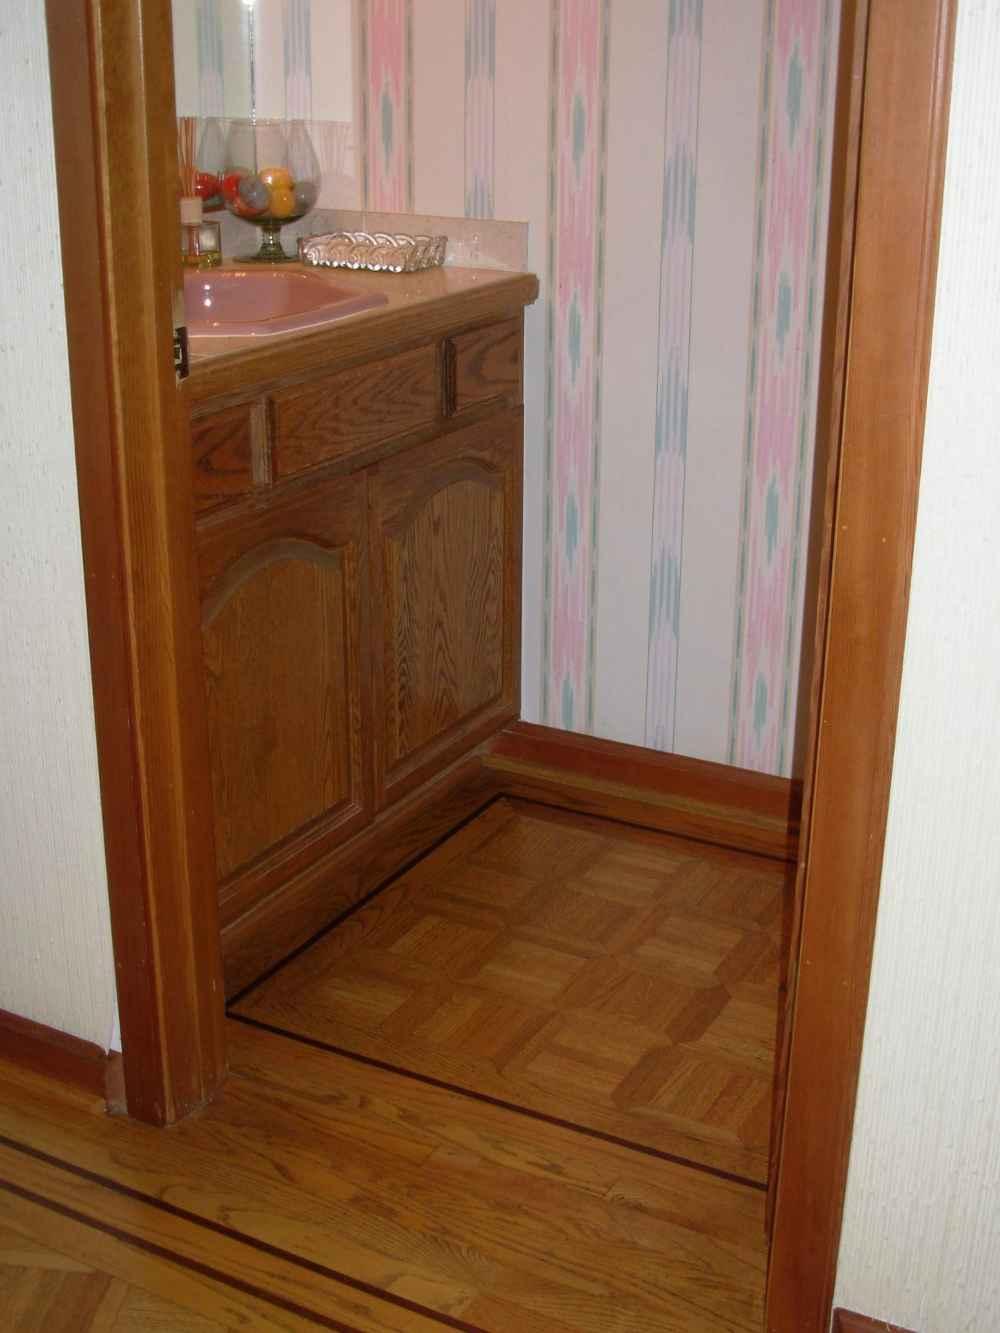 Brown Bathroom Tile for Wastafel